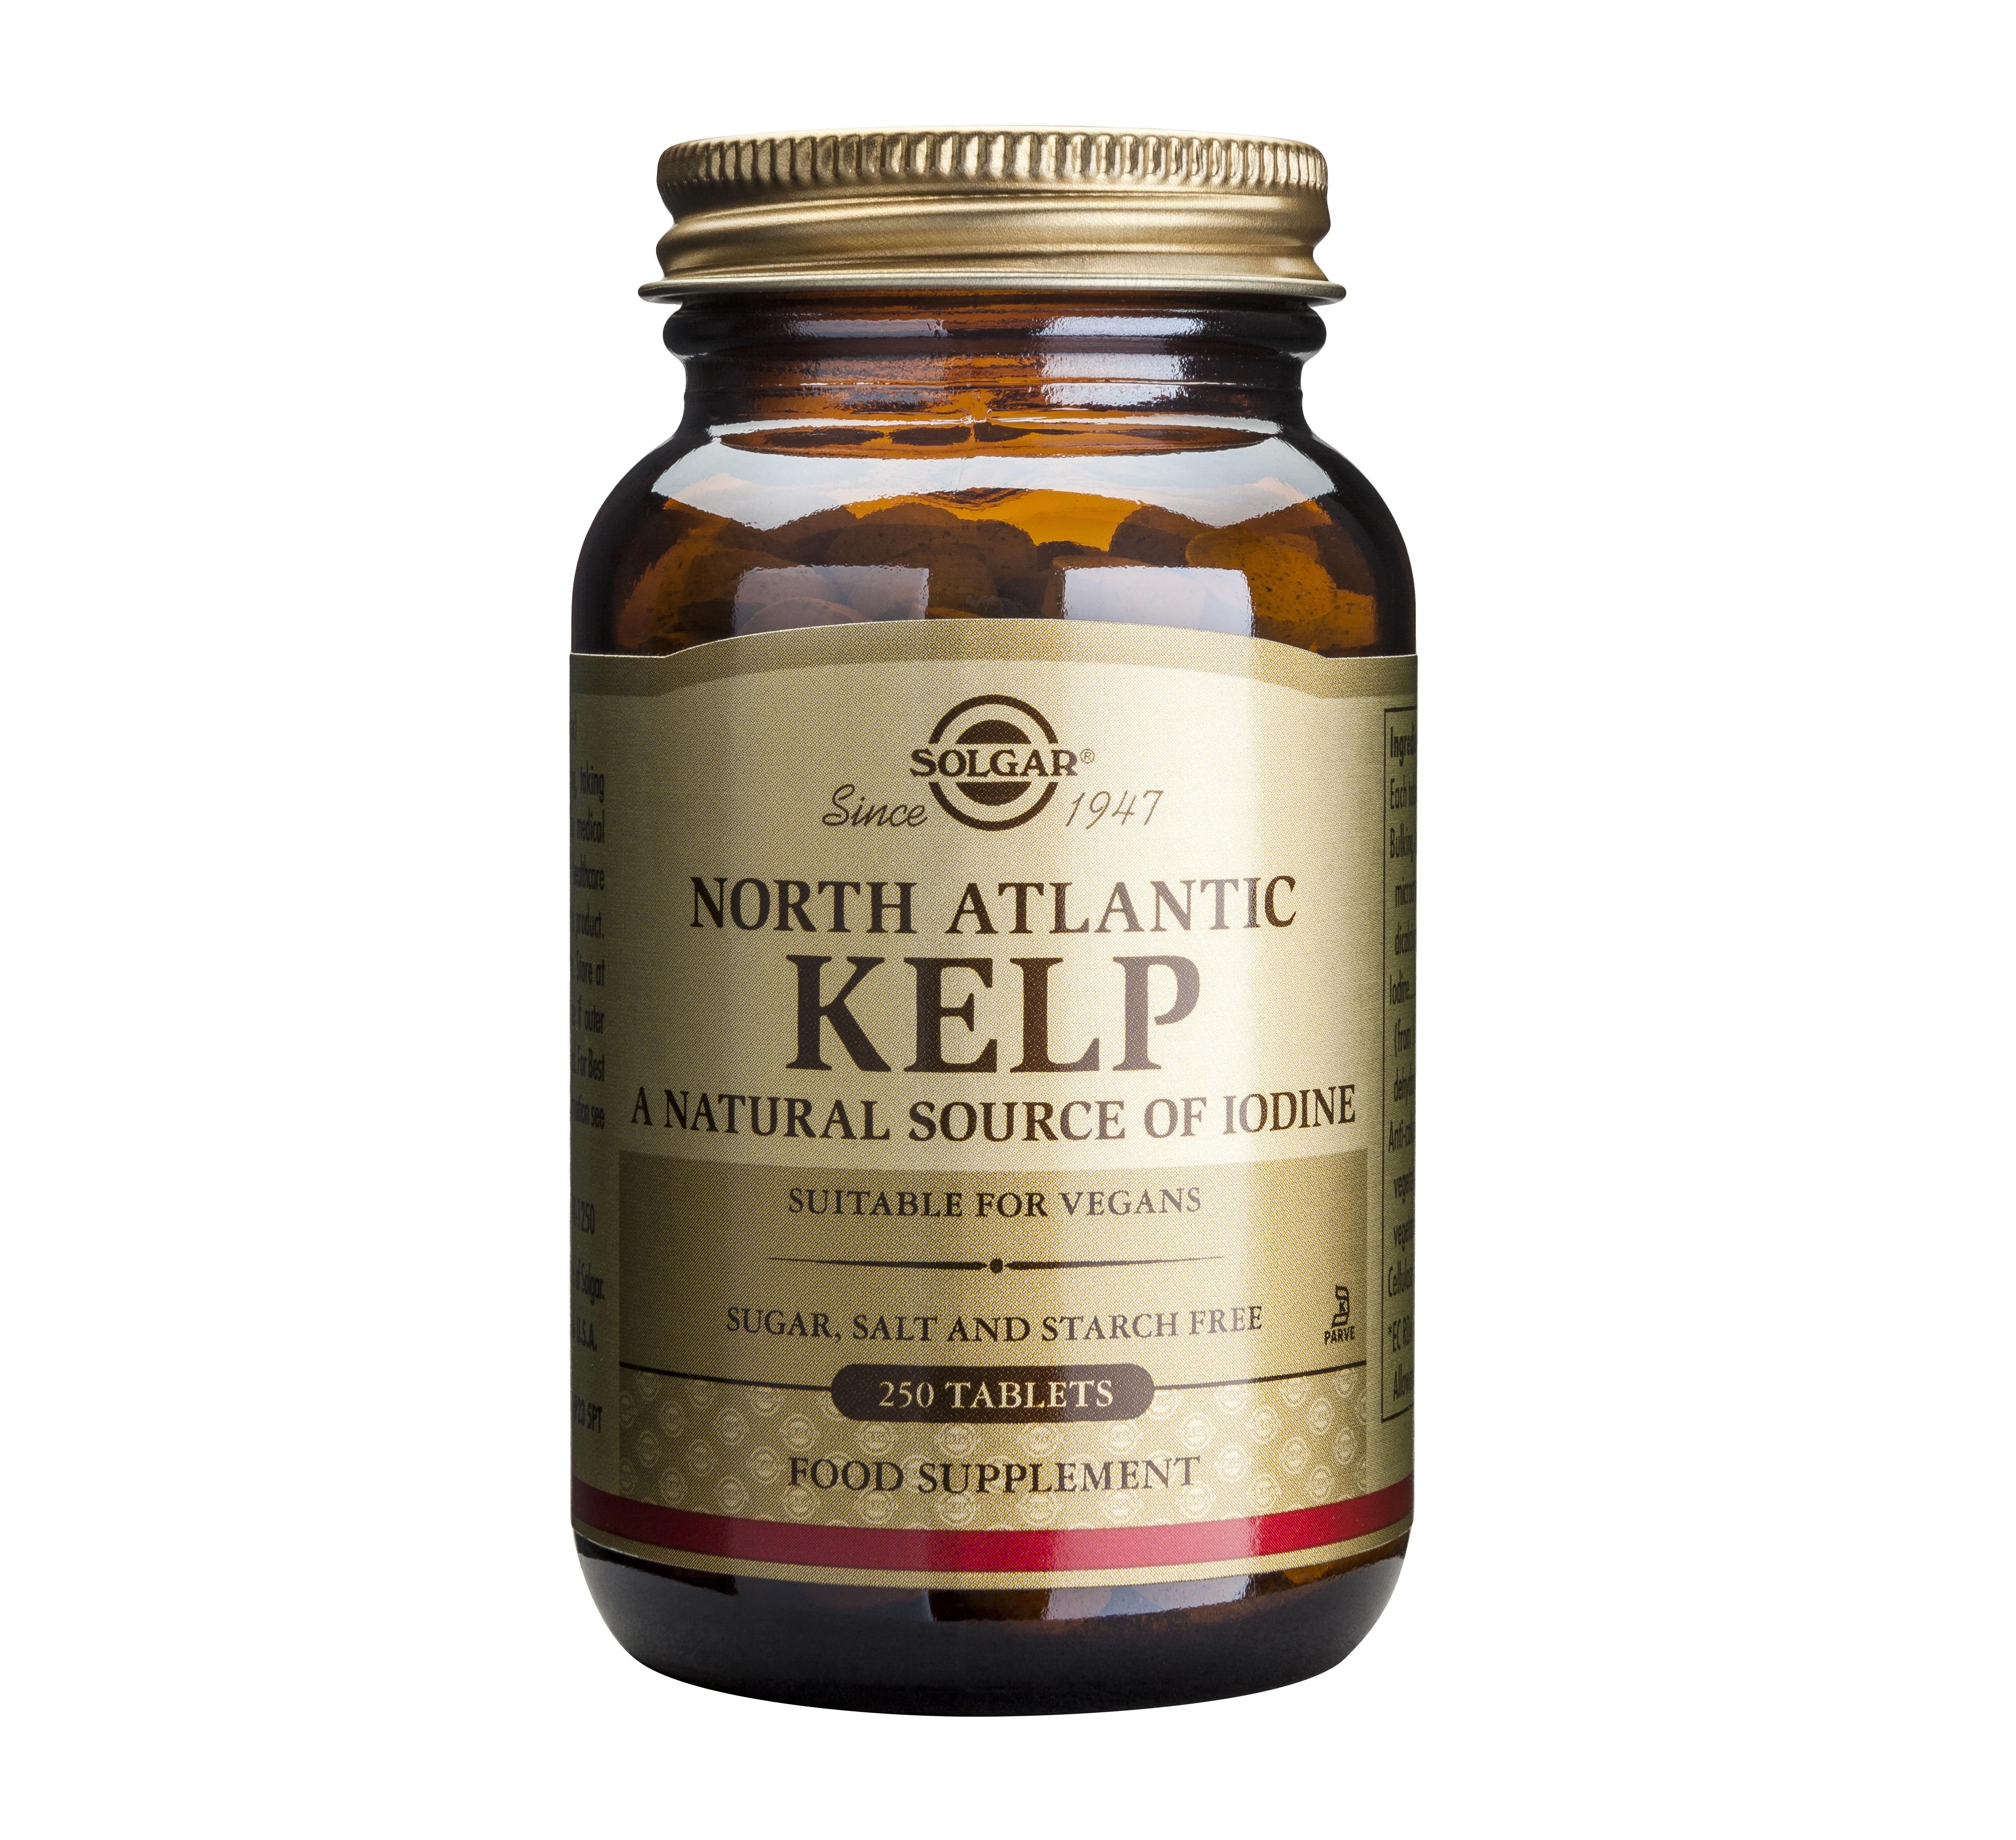 Описание наКелп / Kelp 200 μg х250 таблетки - SOLGAR:     Tова е продукт на американския производител SOLGAR, който представлява хранителна добавка с водорасли от северната част на Атлантическия океан (Ascophyllum nodosum mackaii), които са естествен източник на органичен йод с високо съдържание, който е необходим за правилното функциониране на щитовидната жлеза и еглавния регулатор на метаболизма. Келпът съдържа и други микроелементи, които допринасят за доброто състояние на косата, кожата, ноктите, както и накостите и мускулите. Освен това, той се използва и за отстраняване на някои токсични метали от организма, като помага в случай на понижена функция на щитовидната жлеза поради недостиг на йод, за грижа за косата, ноктите и кожата, както и при програми за контролиране на теглото.Продуктът е подходящ за вегетарианци.     СъставнаКелп / Kelp 200 μg х250 таблетки - SOLGAR:     Съдържание в 1 таблетка: Йод - 200 μg.   Не съдържа: захар, сол, скорбяла, мая, пшеница, соя, глутен, млечни продукти, консерванти, изкуствени аромати и оцветители.